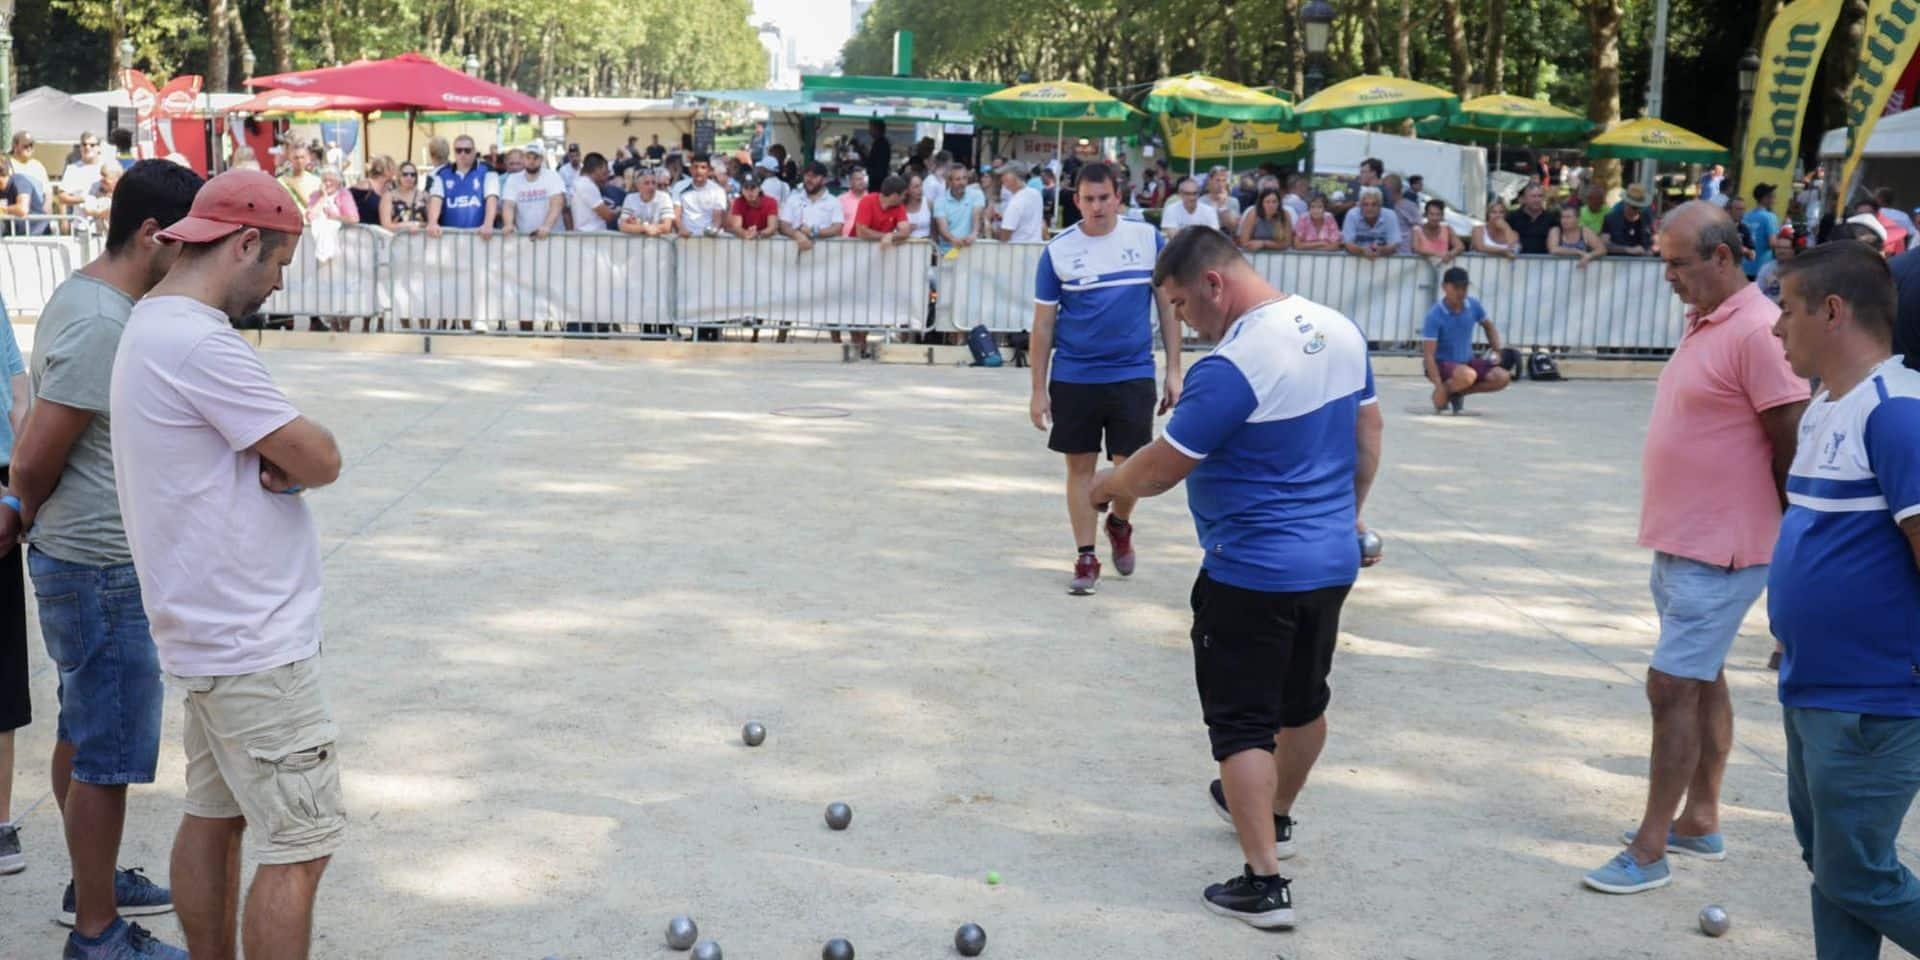 Succès de foule pour le tournoi international de pétanque La Bruxelloise